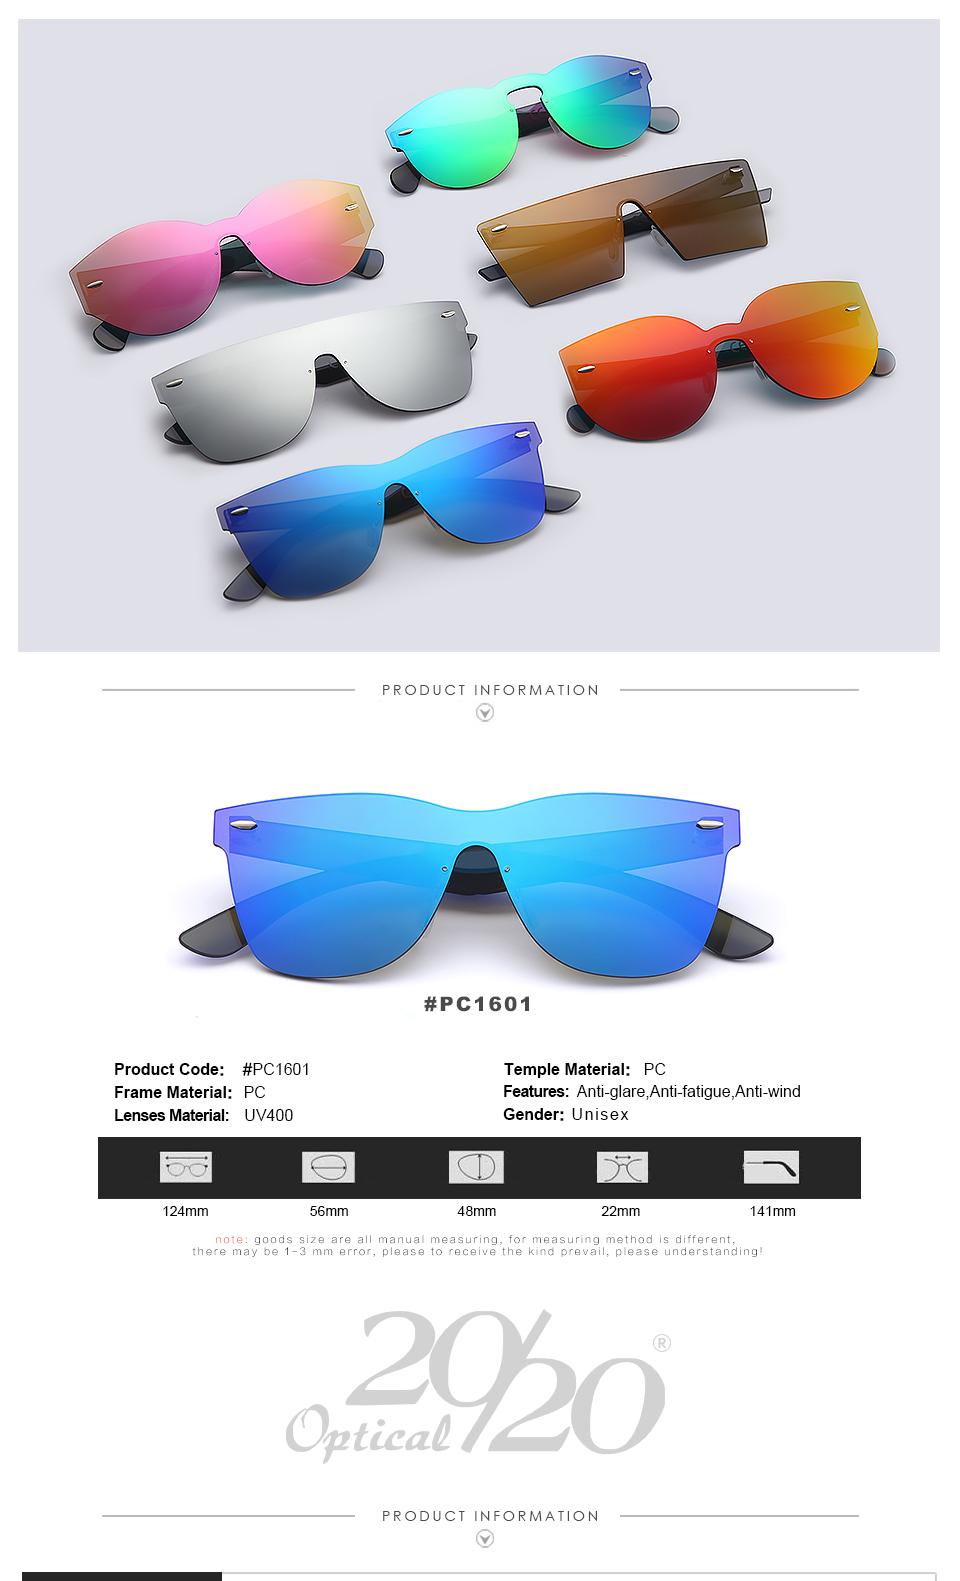 20/20 Marka Vintage Style Bez Oprawek Okularów Przeciwsłonecznych Mężczyzna Soczewka Płaska PC1601 Kwadratowych Rama Kobiety Okulary Óculos Gafas 1